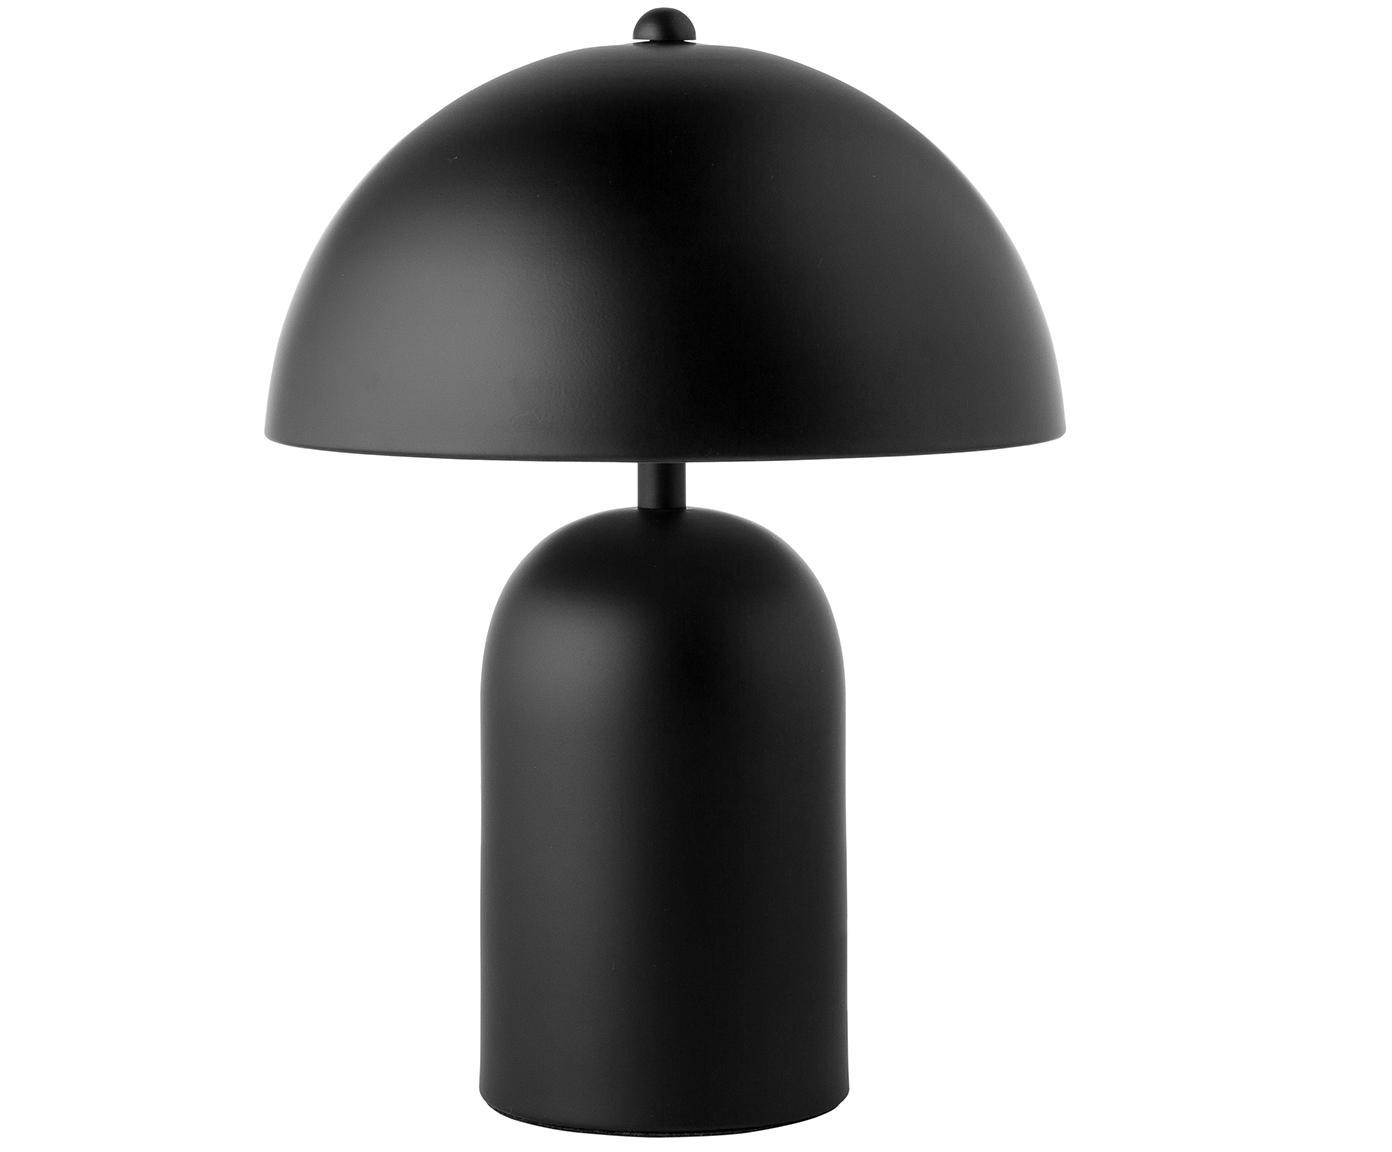 Retro-Tischleuchte Walter, Lampenschirm: Metall, Lampenfuß: Metall, Mattschwarz, Ø 25 x H 33 cm